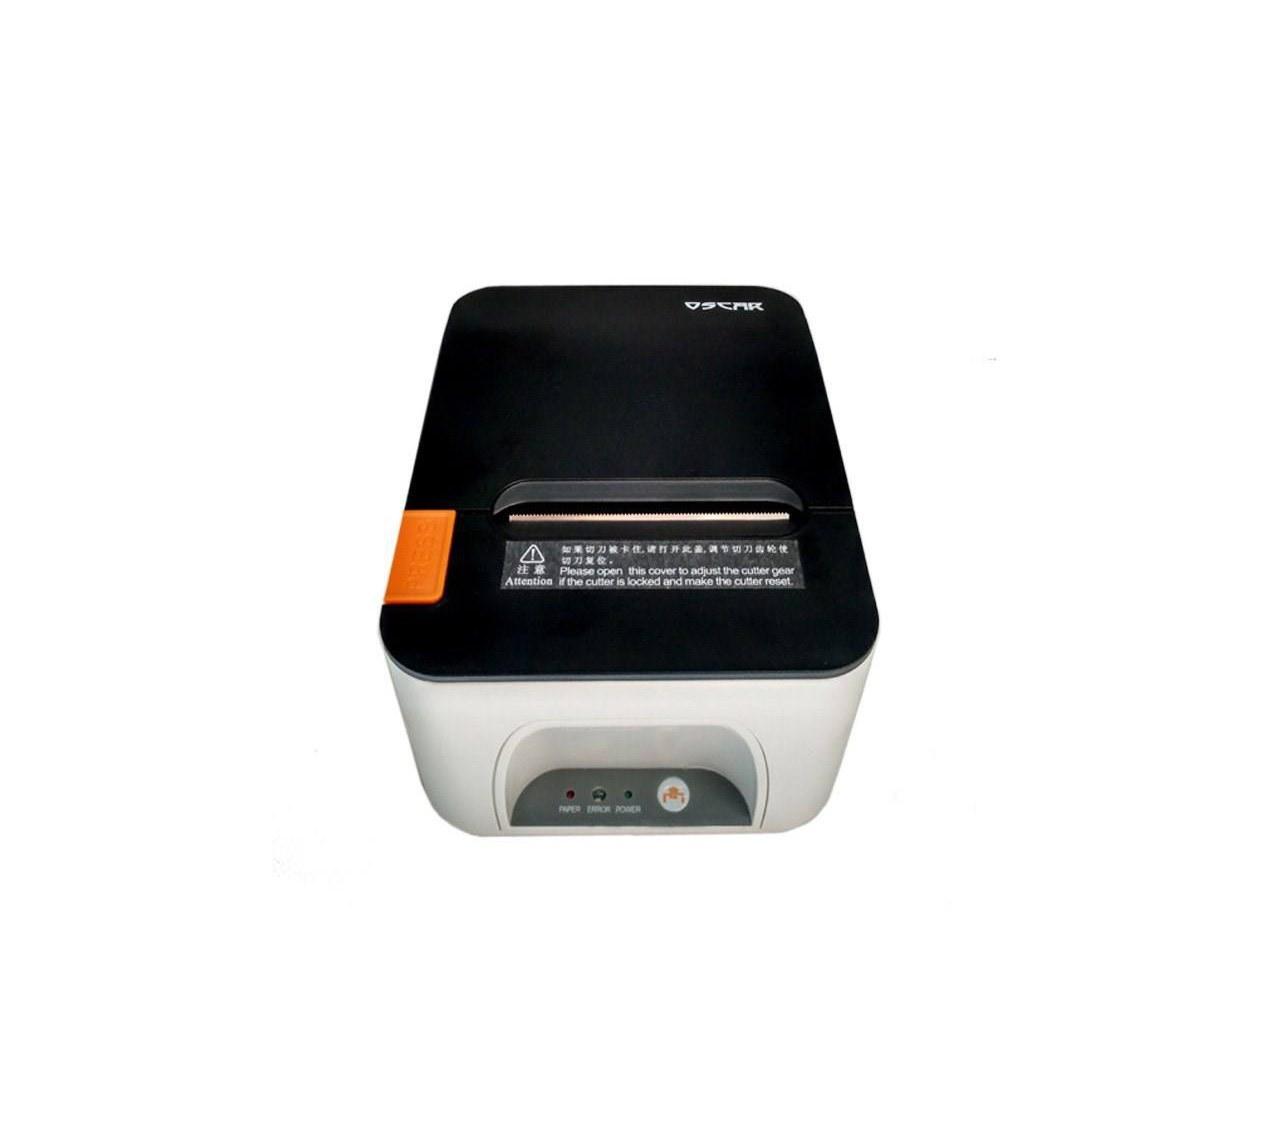 تصویر پرینتر صدور فیش اسکار مدل پی او اس 88 ای پرینتر صدور فیش  اسکار POS 88A Thermal Receipt Printer